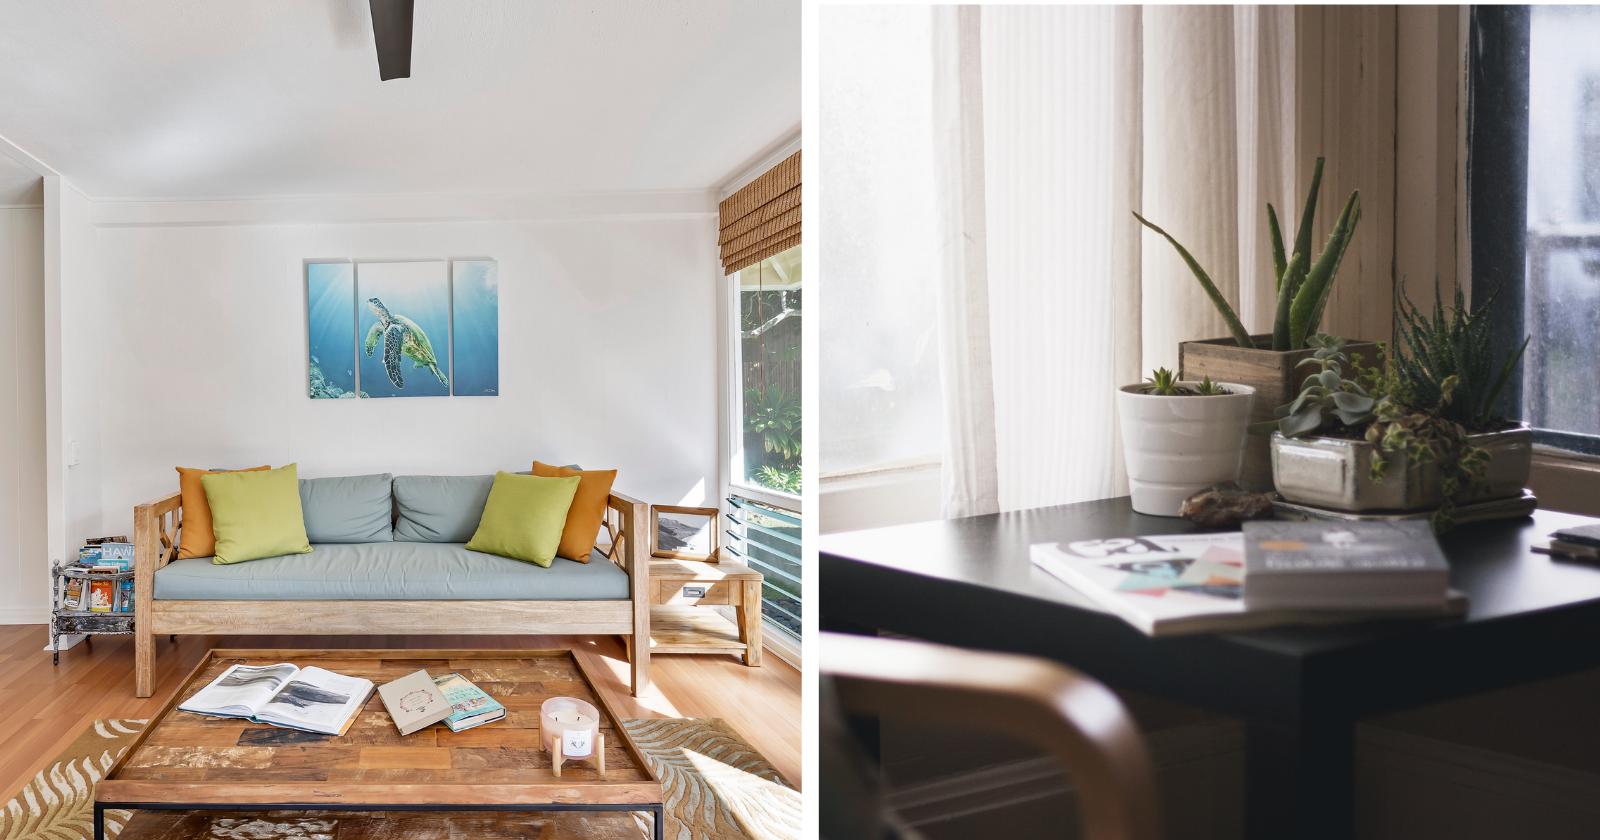 Casa linda e gastando pouco: 5 dicas extraordinárias para decorar sua casa